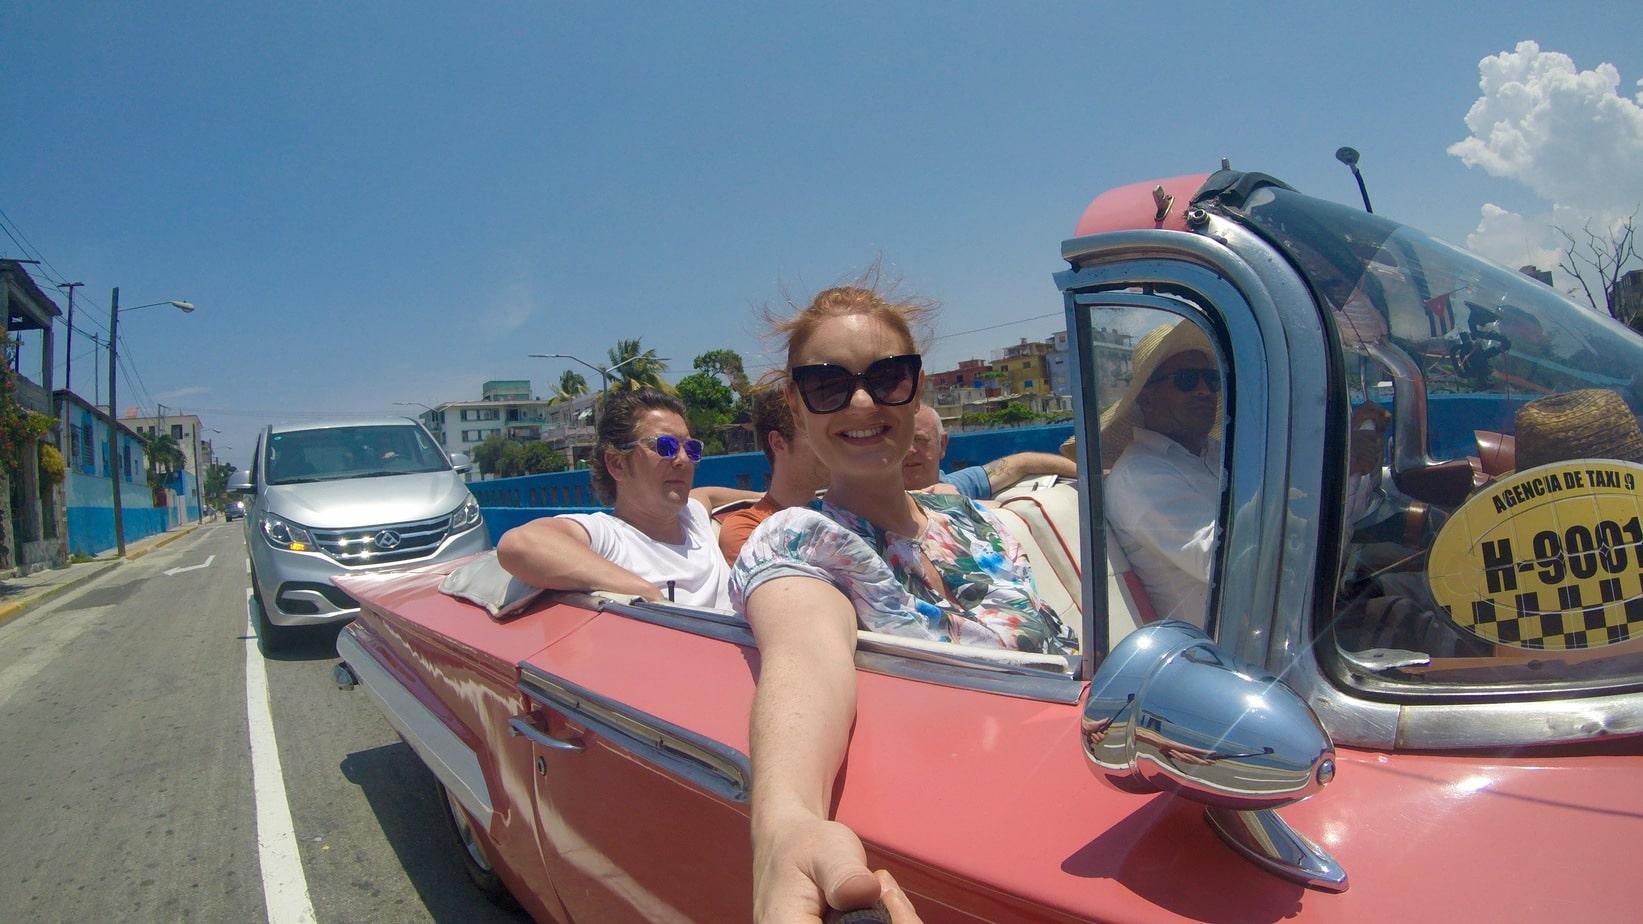 American Classic Car Taxi in Cuba